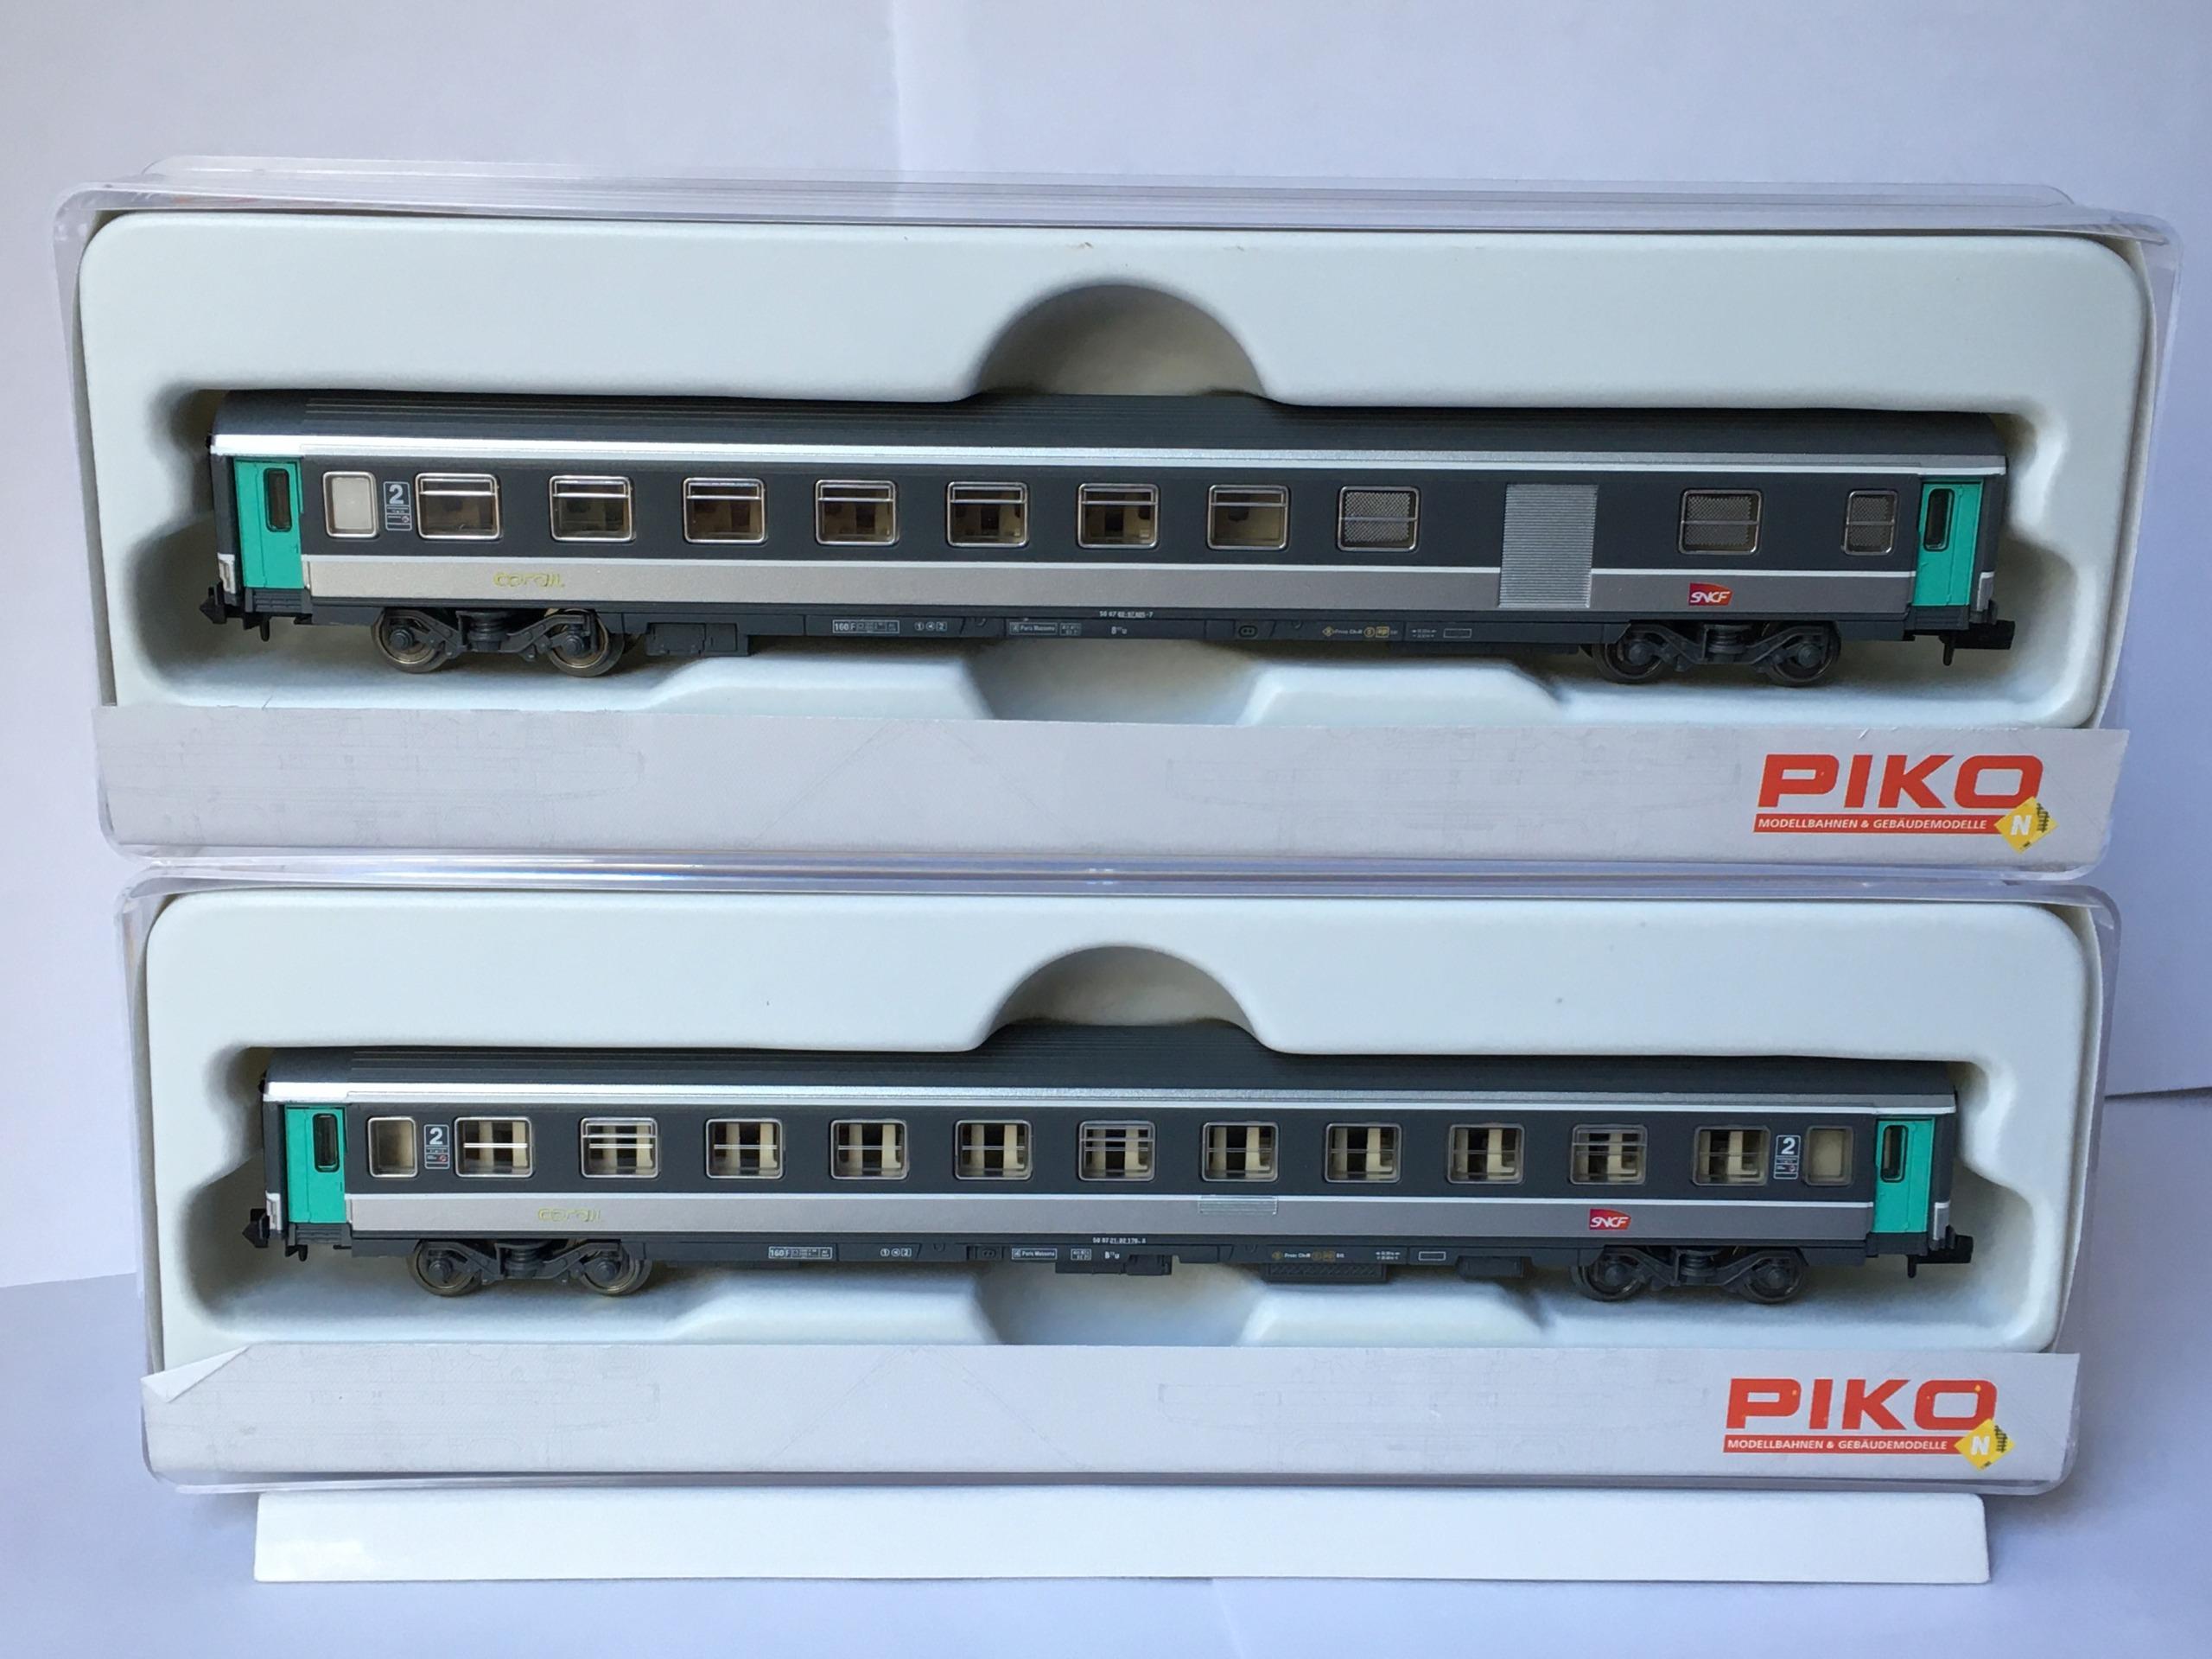 Ventes SNCF Olimac mars 2021 (9200 Trix, 26000 Piko, Corail Piko...) échelle N Img_0018